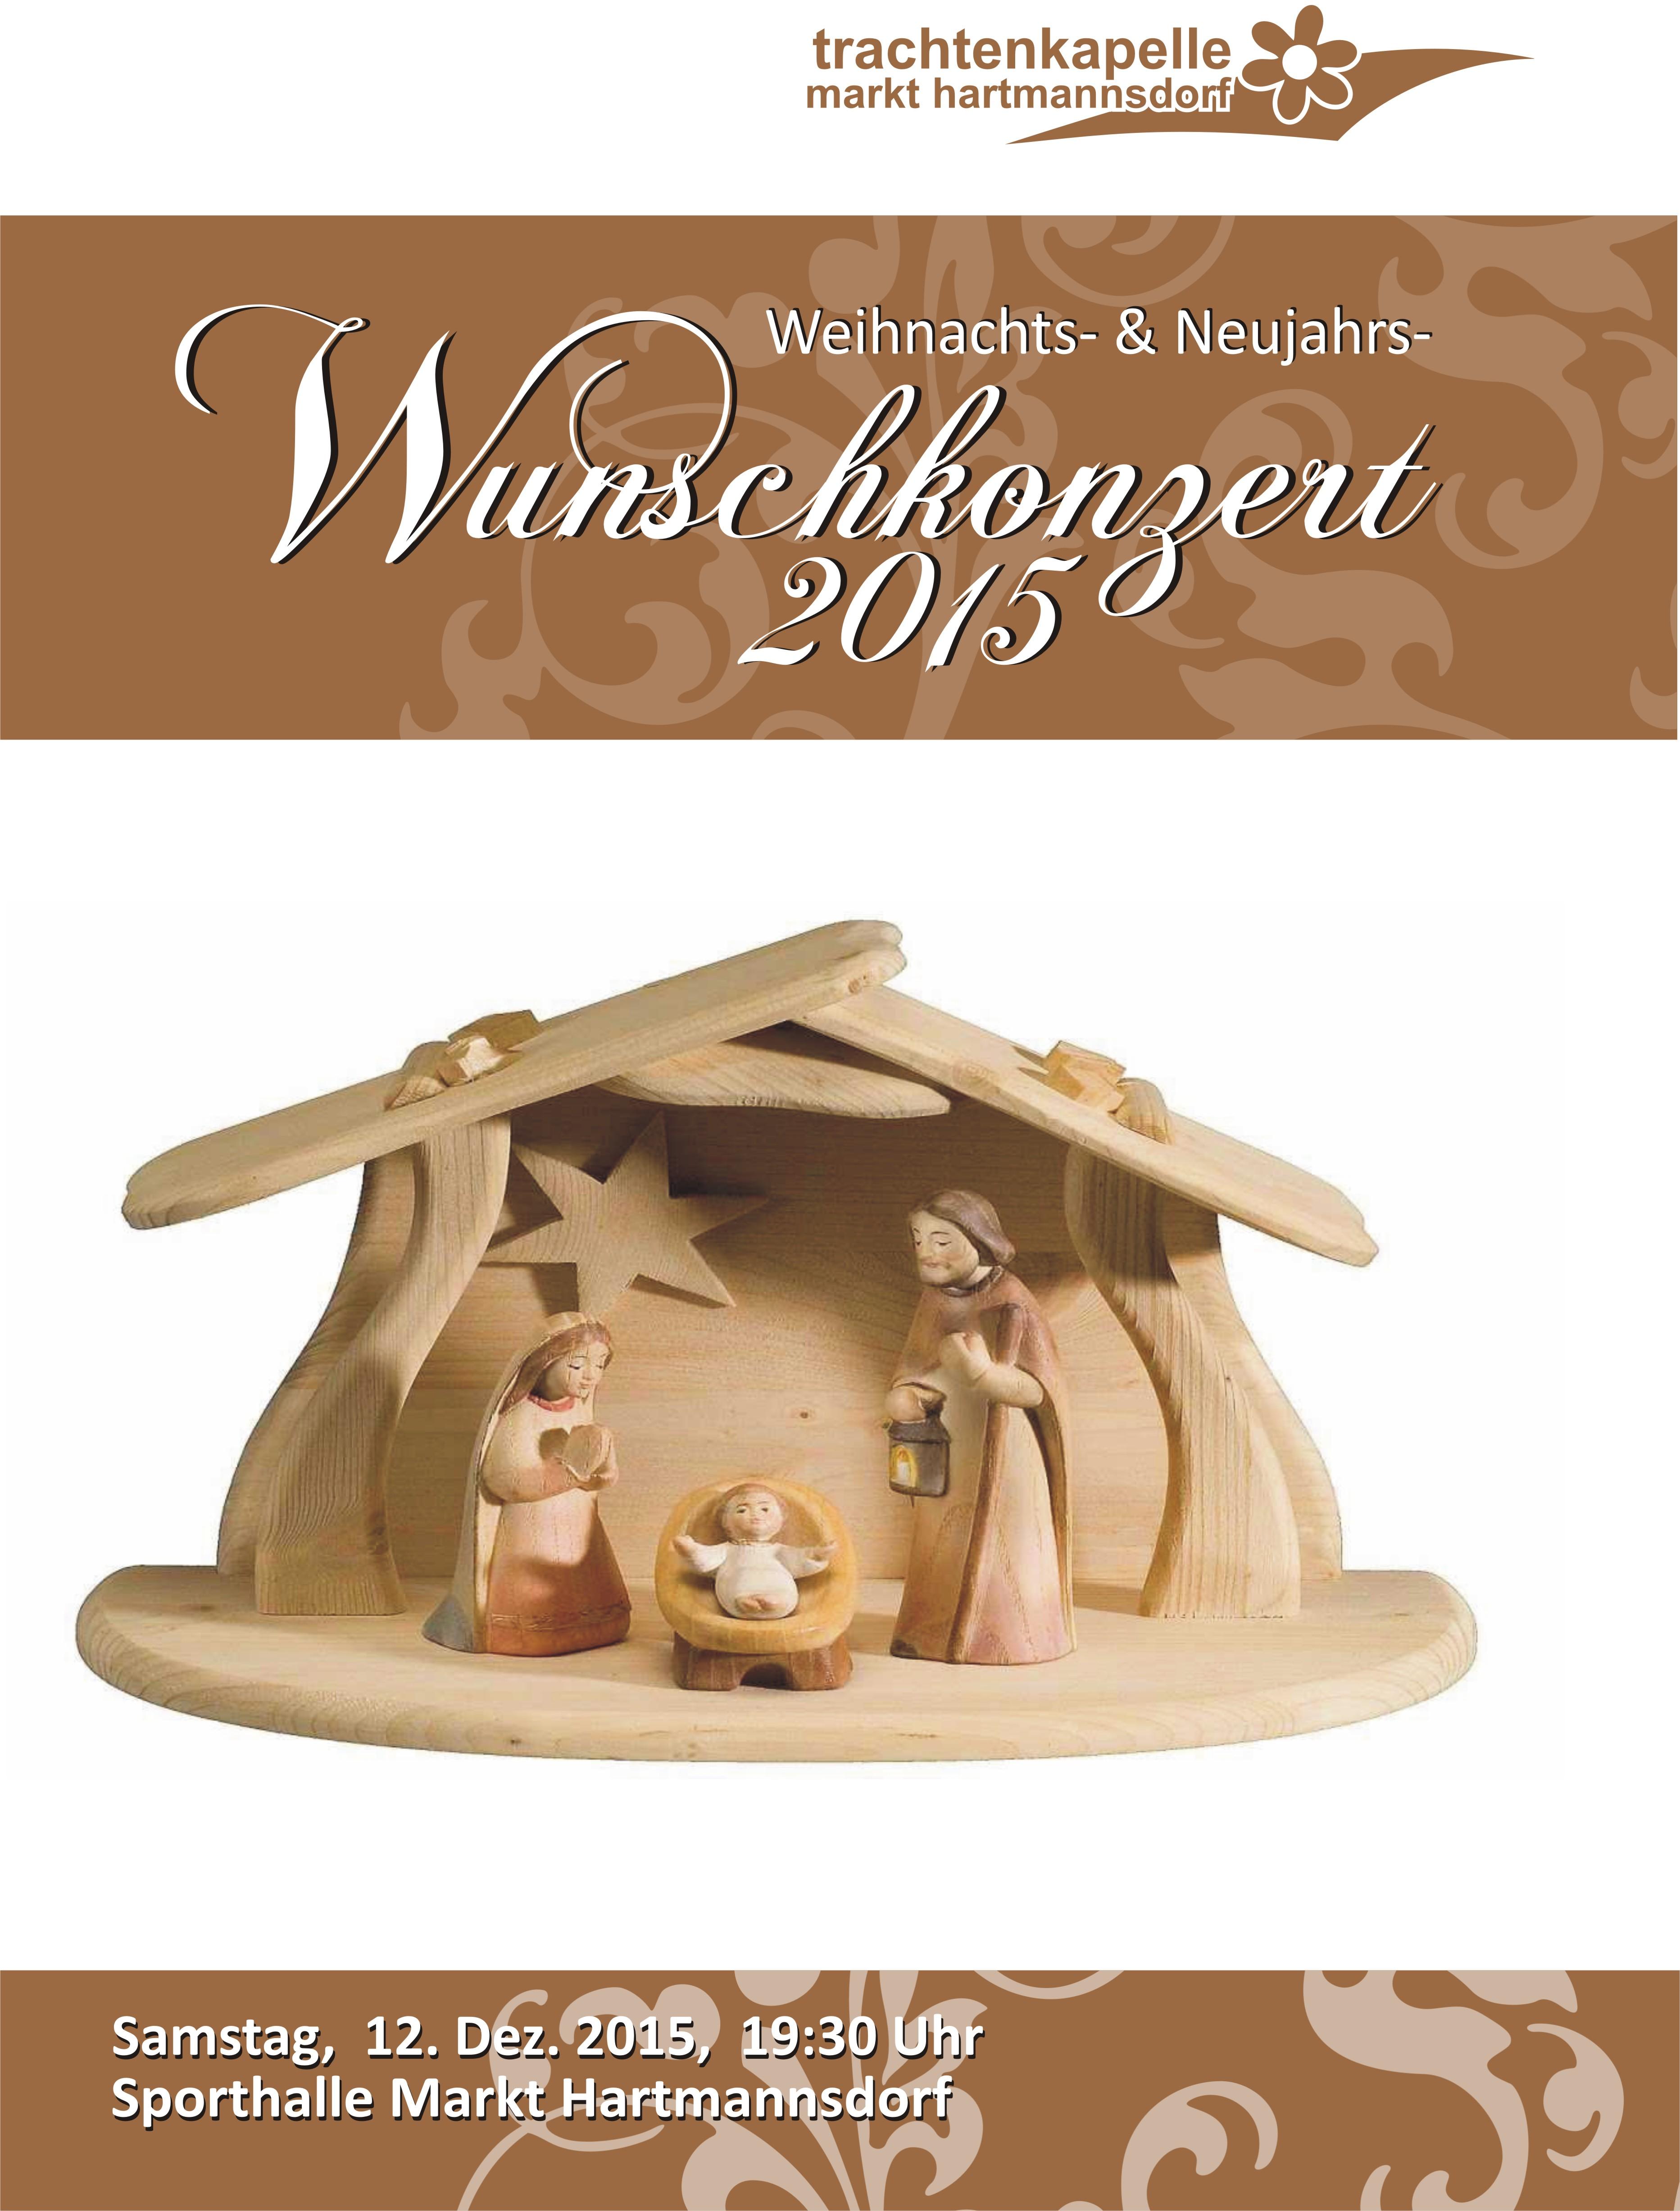 Weihnachts- & Neujahrswunschkonzert